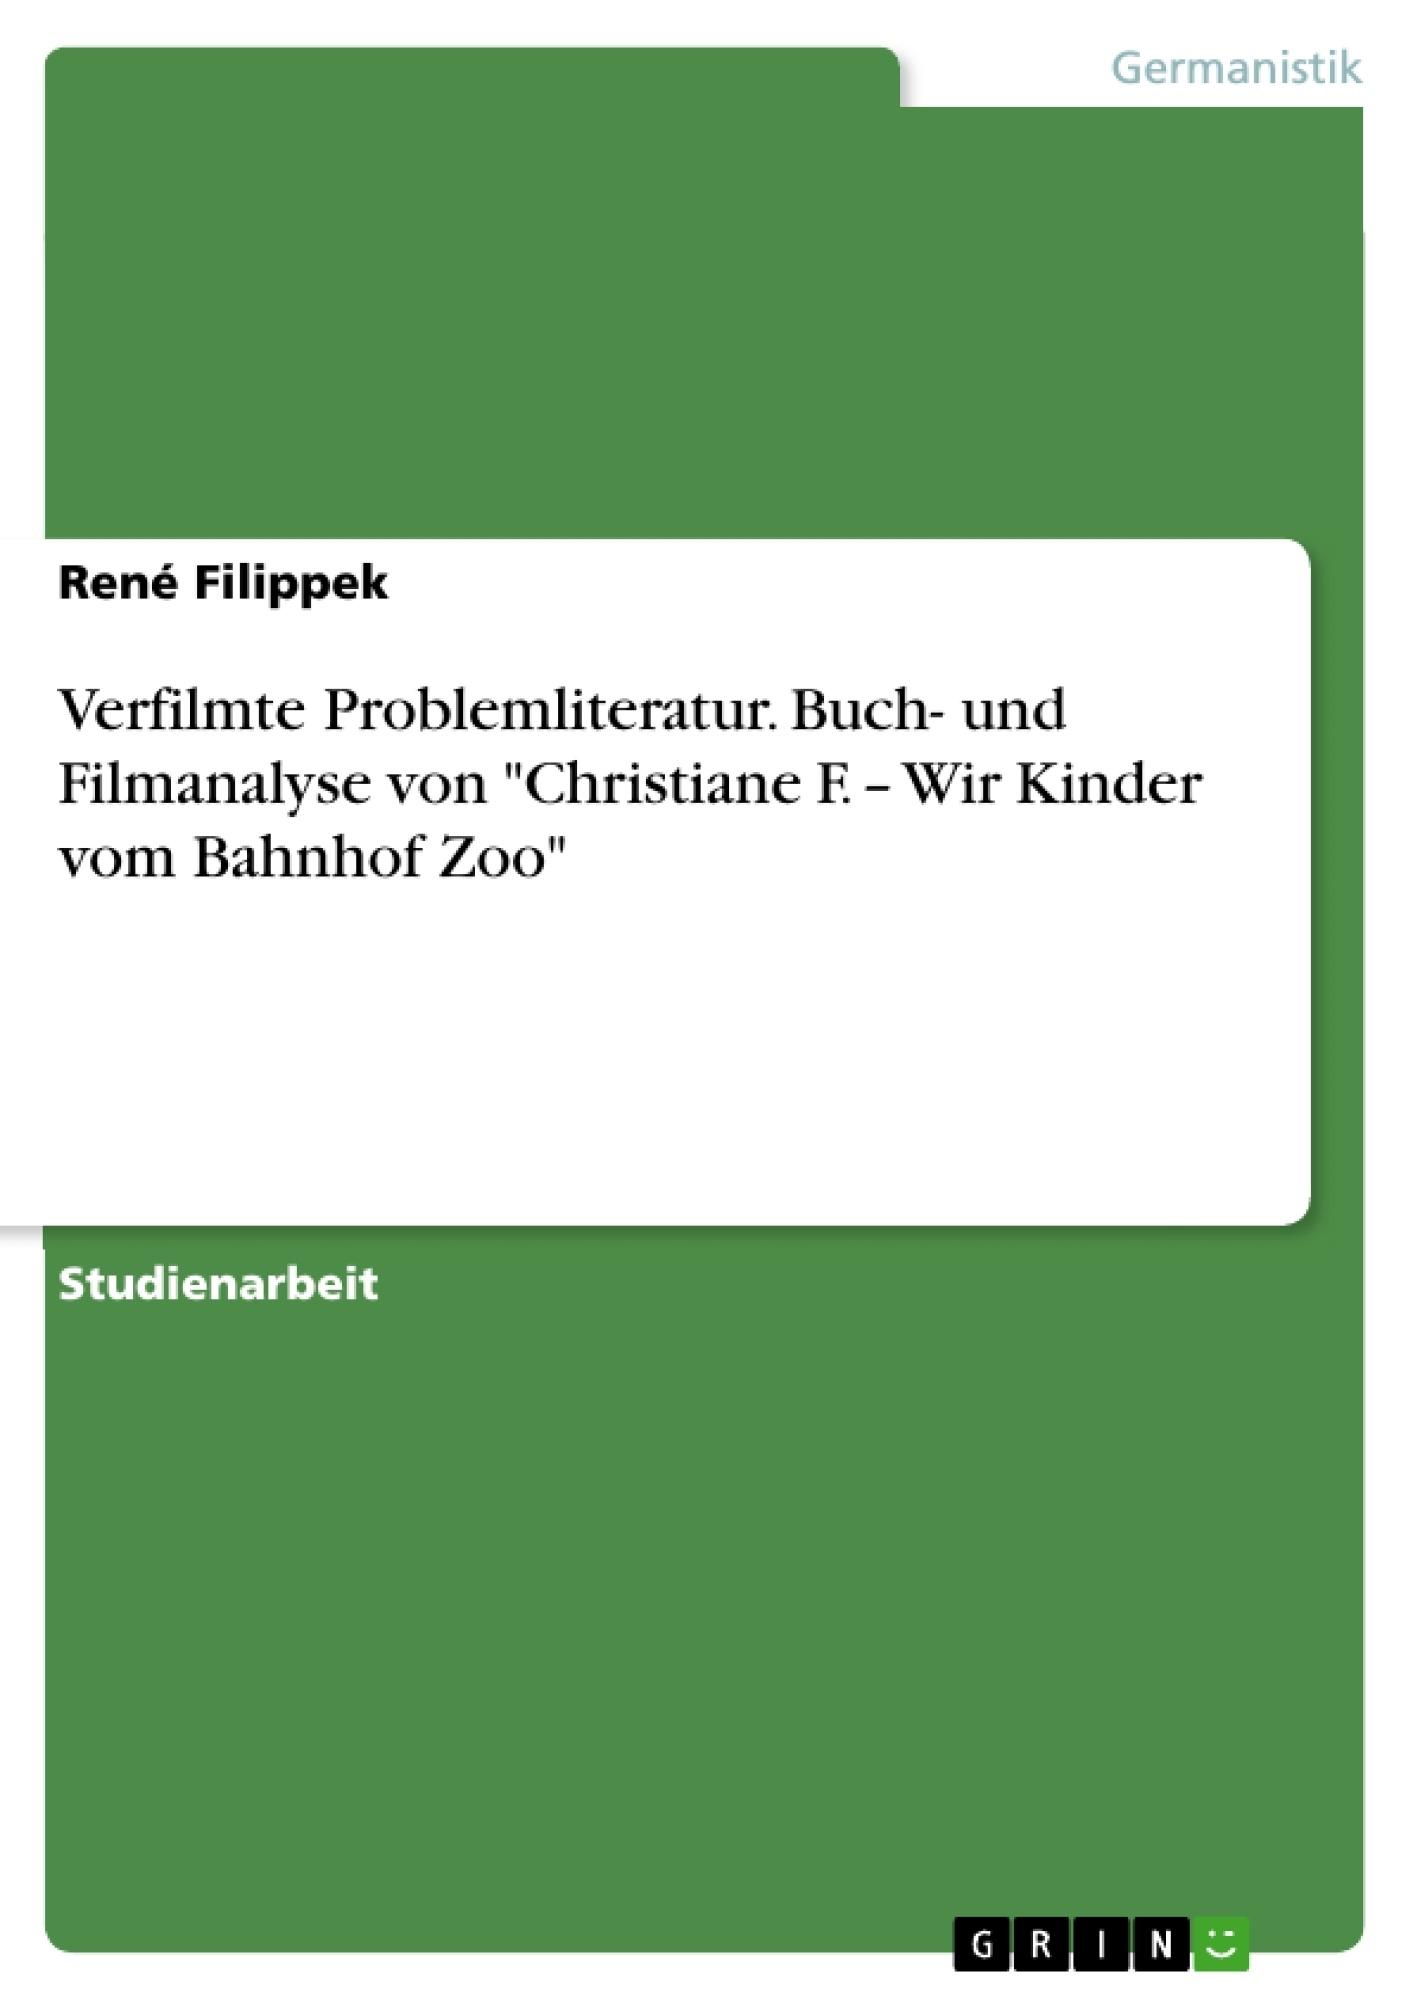 """Titel: Verfilmte Problemliteratur. Buch- und Filmanalyse von """"Christiane F. – Wir Kinder vom Bahnhof Zoo"""""""